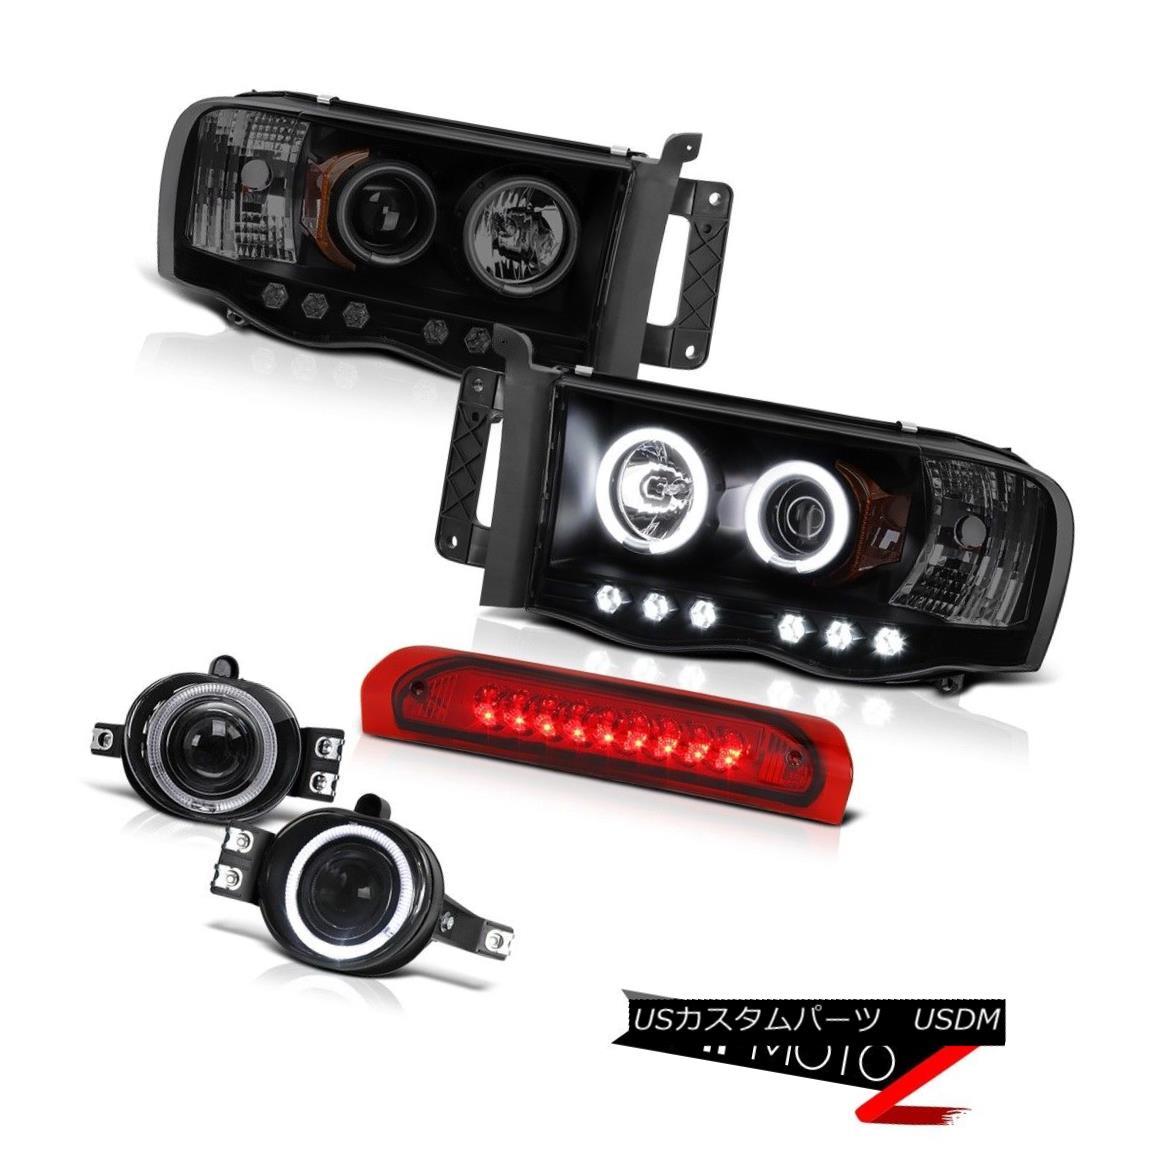 ヘッドライト 2002-2005 Ram Magnum 5.9L ST CCFL Angel Eye Projector Headlight LED SMD DRL Fogl 2002-2005ラムマグナム5.9L ST CCFLエンジェルアイプロジェクターヘッドライトLED SMD DRLフォグル